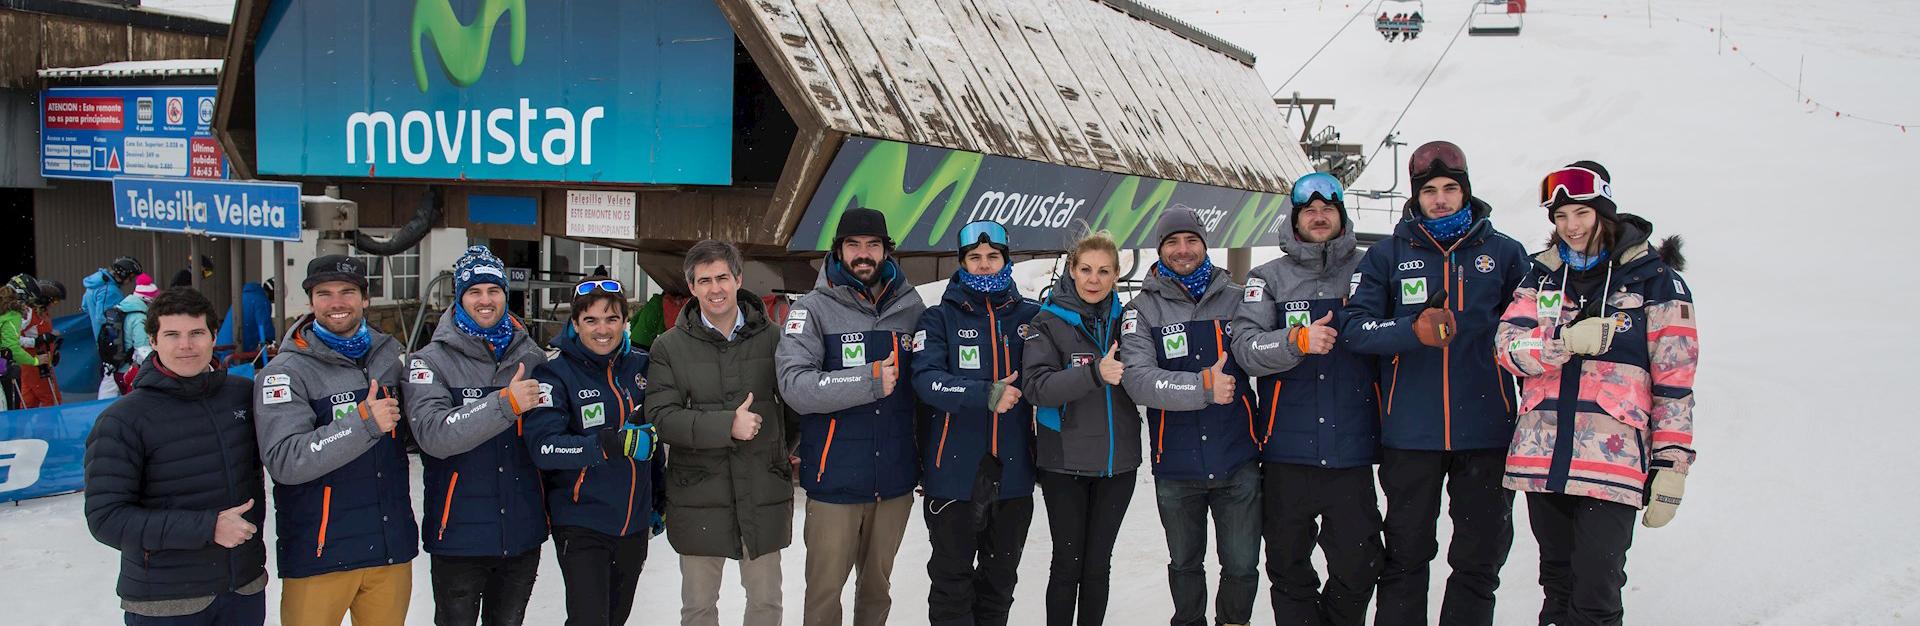 Movistar será patrocinador tecnológico del Campeonato del Mundo en Sierra Nevada